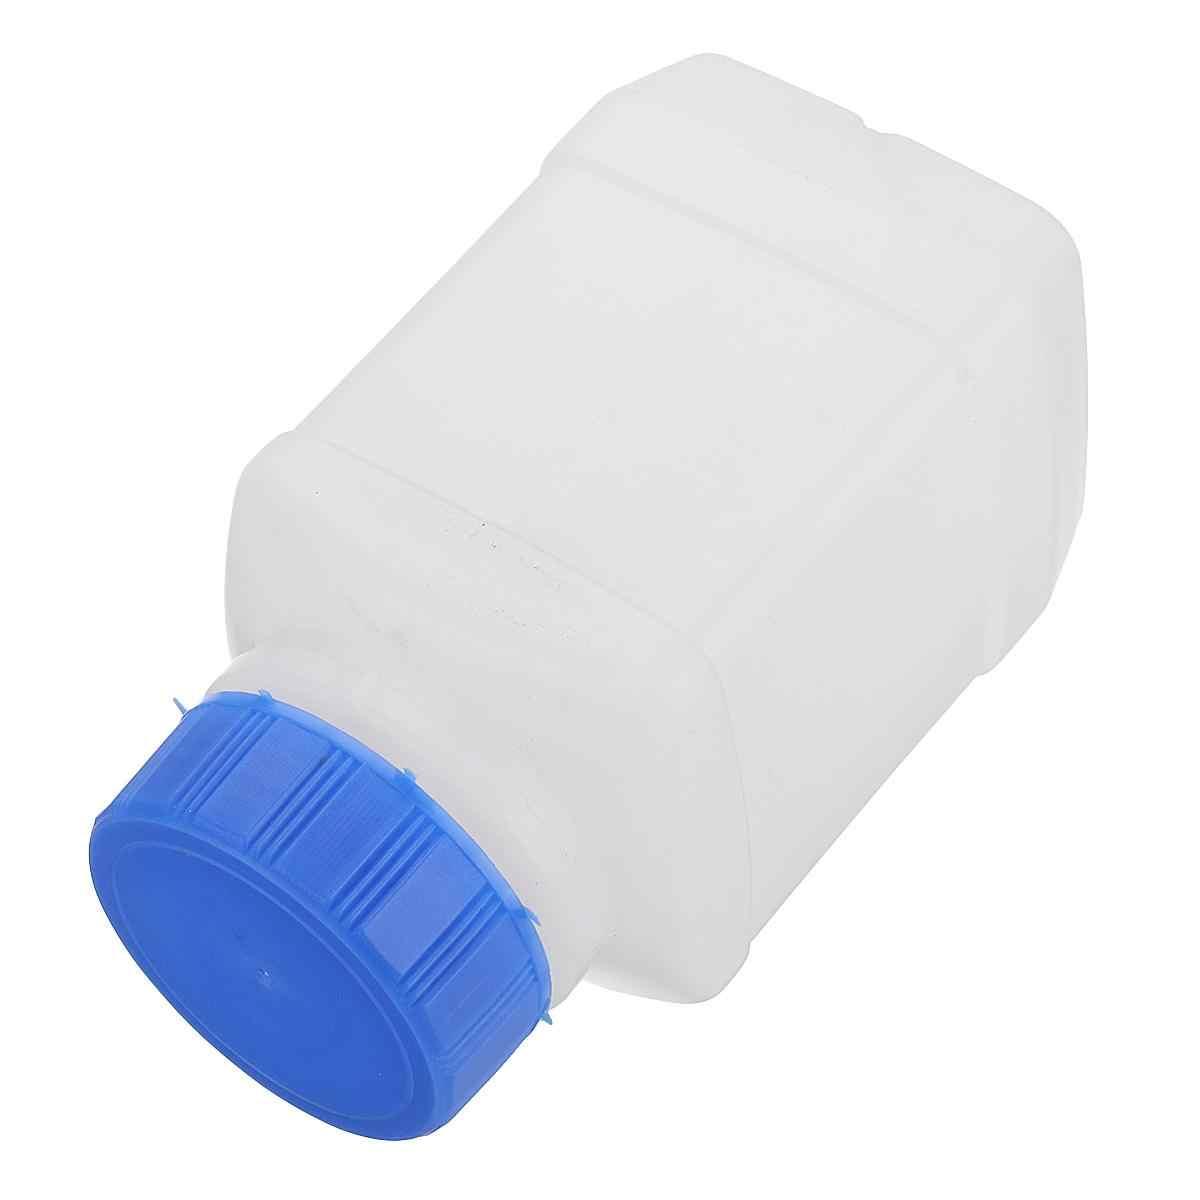 Z tworzywa sztucznego kwadratowe próbki uszczelnienie butelka z szerokim otworem butelki na odczynniki 50/100/250/500ml z niebieskim zakrętką eksperyment laboratoryjny